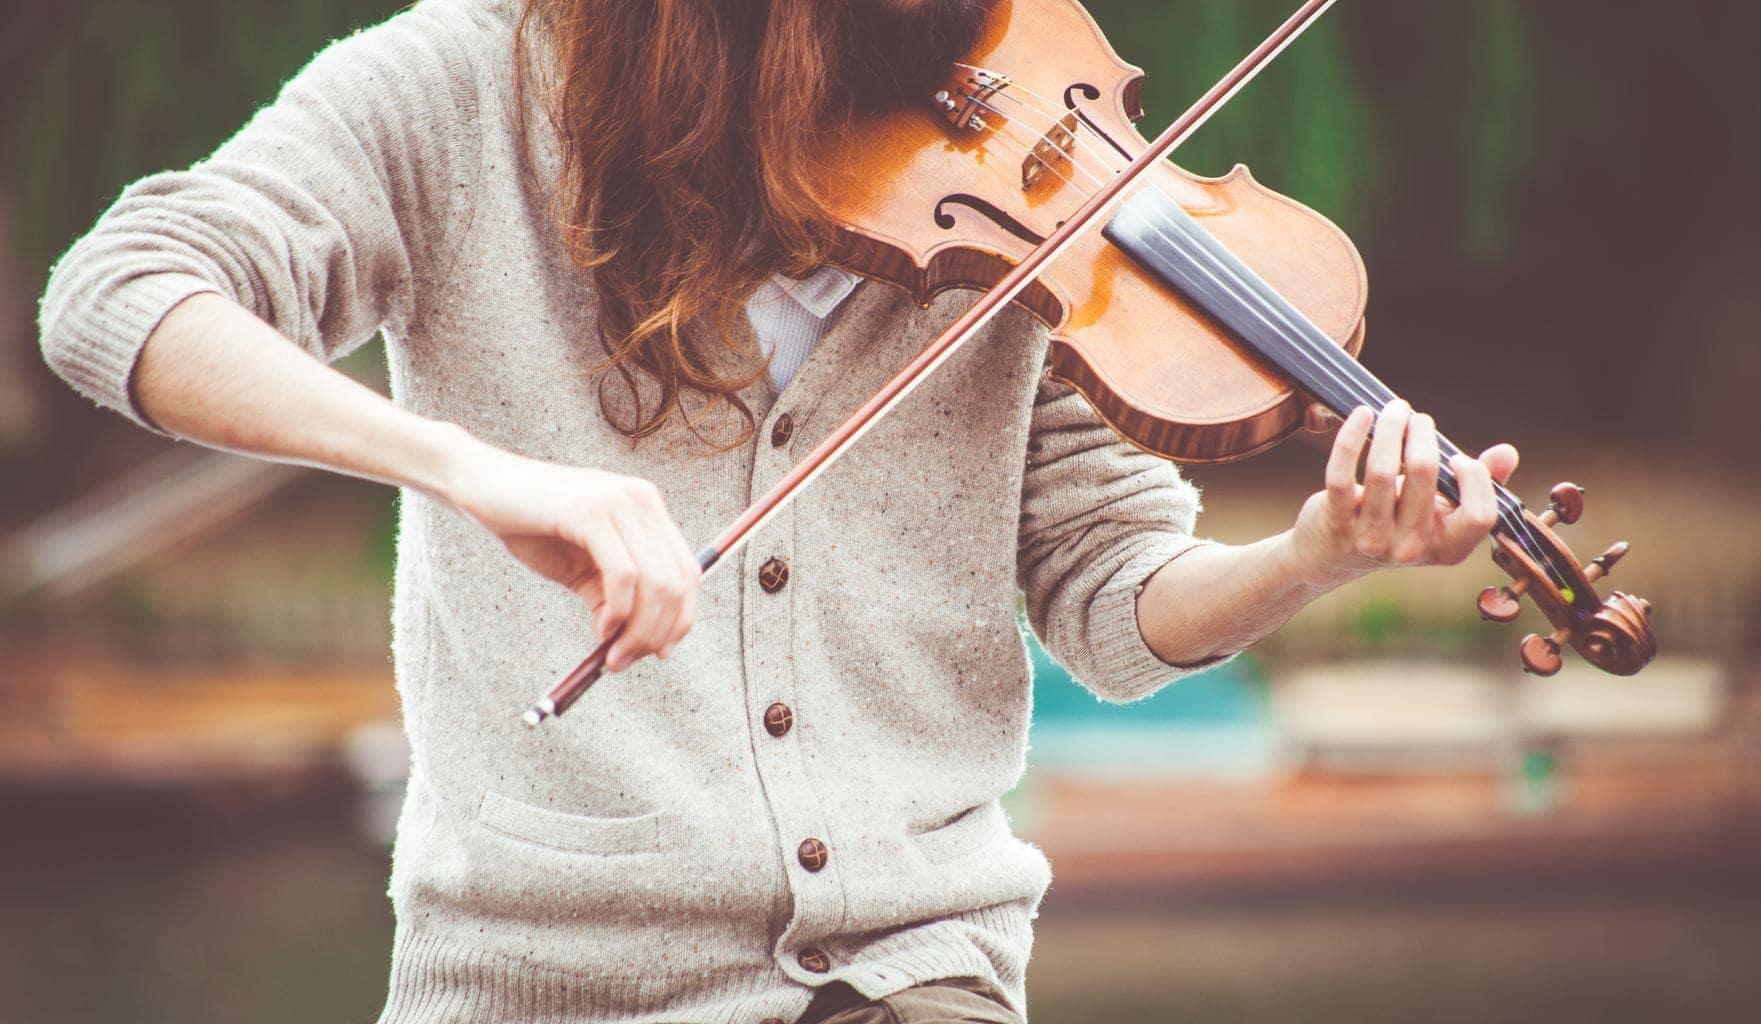 Mujer tocando un violín sin que se le vea la cara